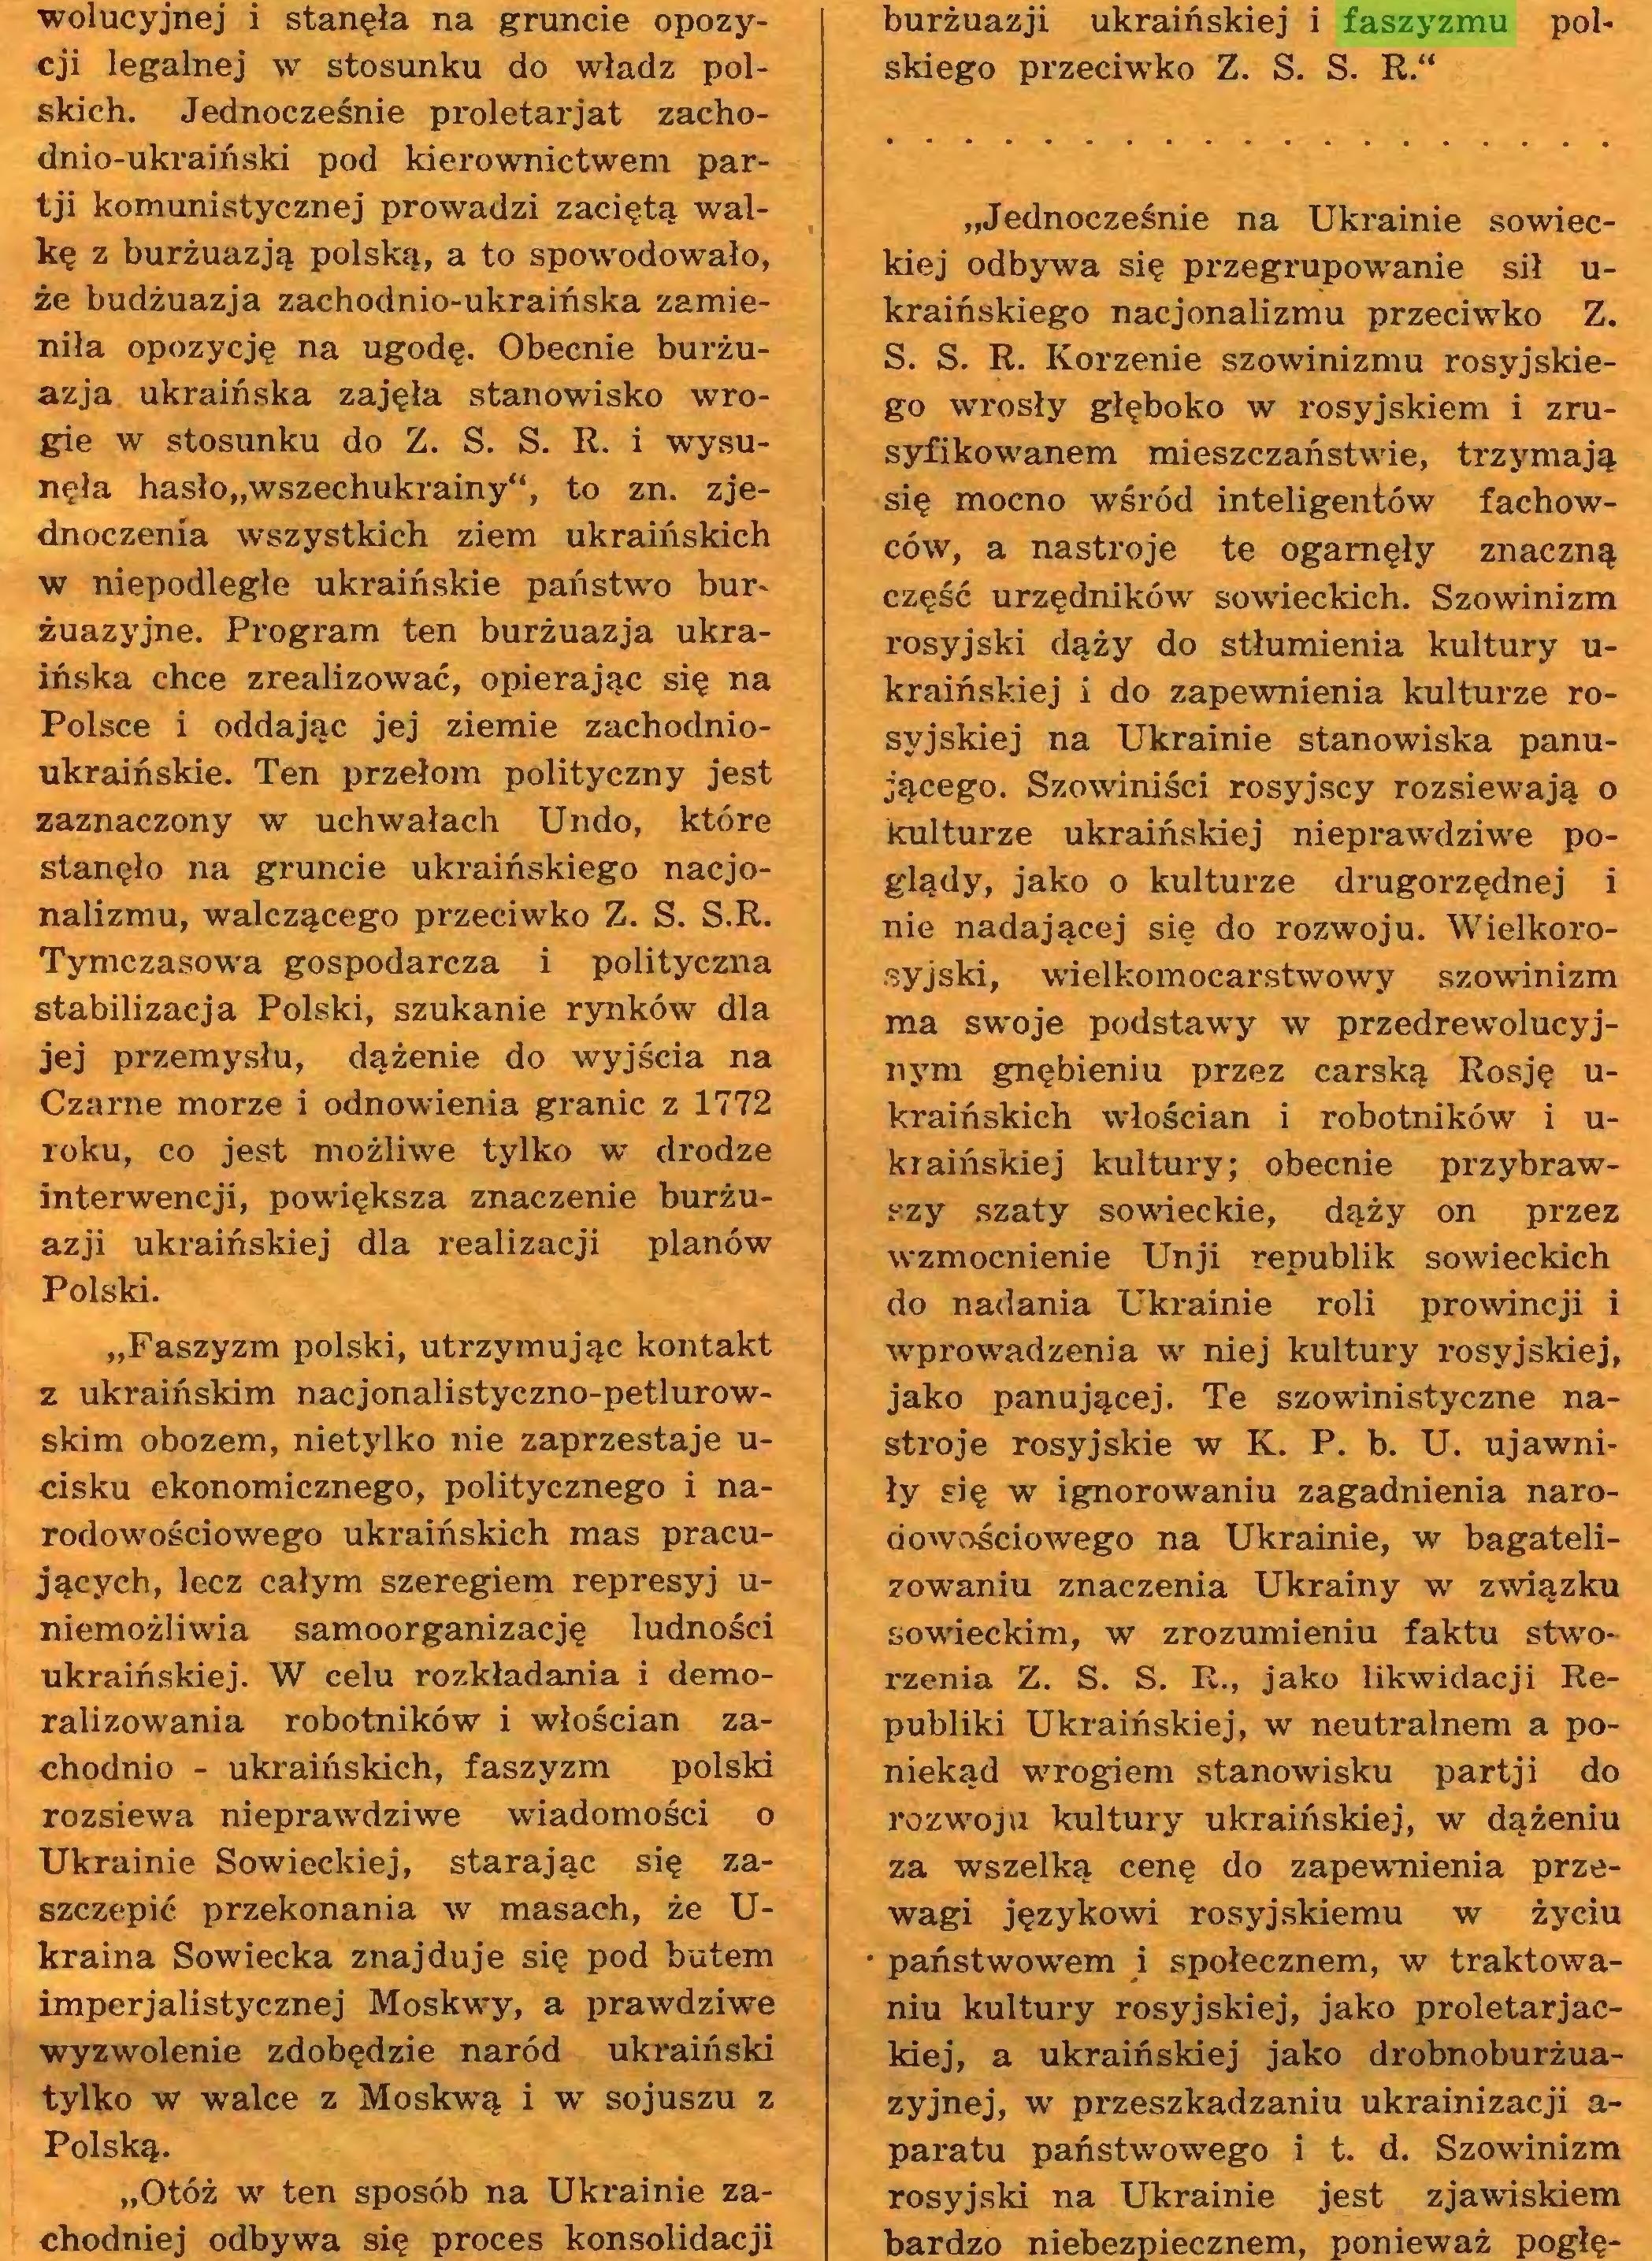 """(...) """"Otóż w ten sposób na Ukrainie zachodniej odbywa się proces konsolidacji burżuazji ukraińskiej i faszyzmu polskiego przeciwko Z. S. S. R.""""..."""